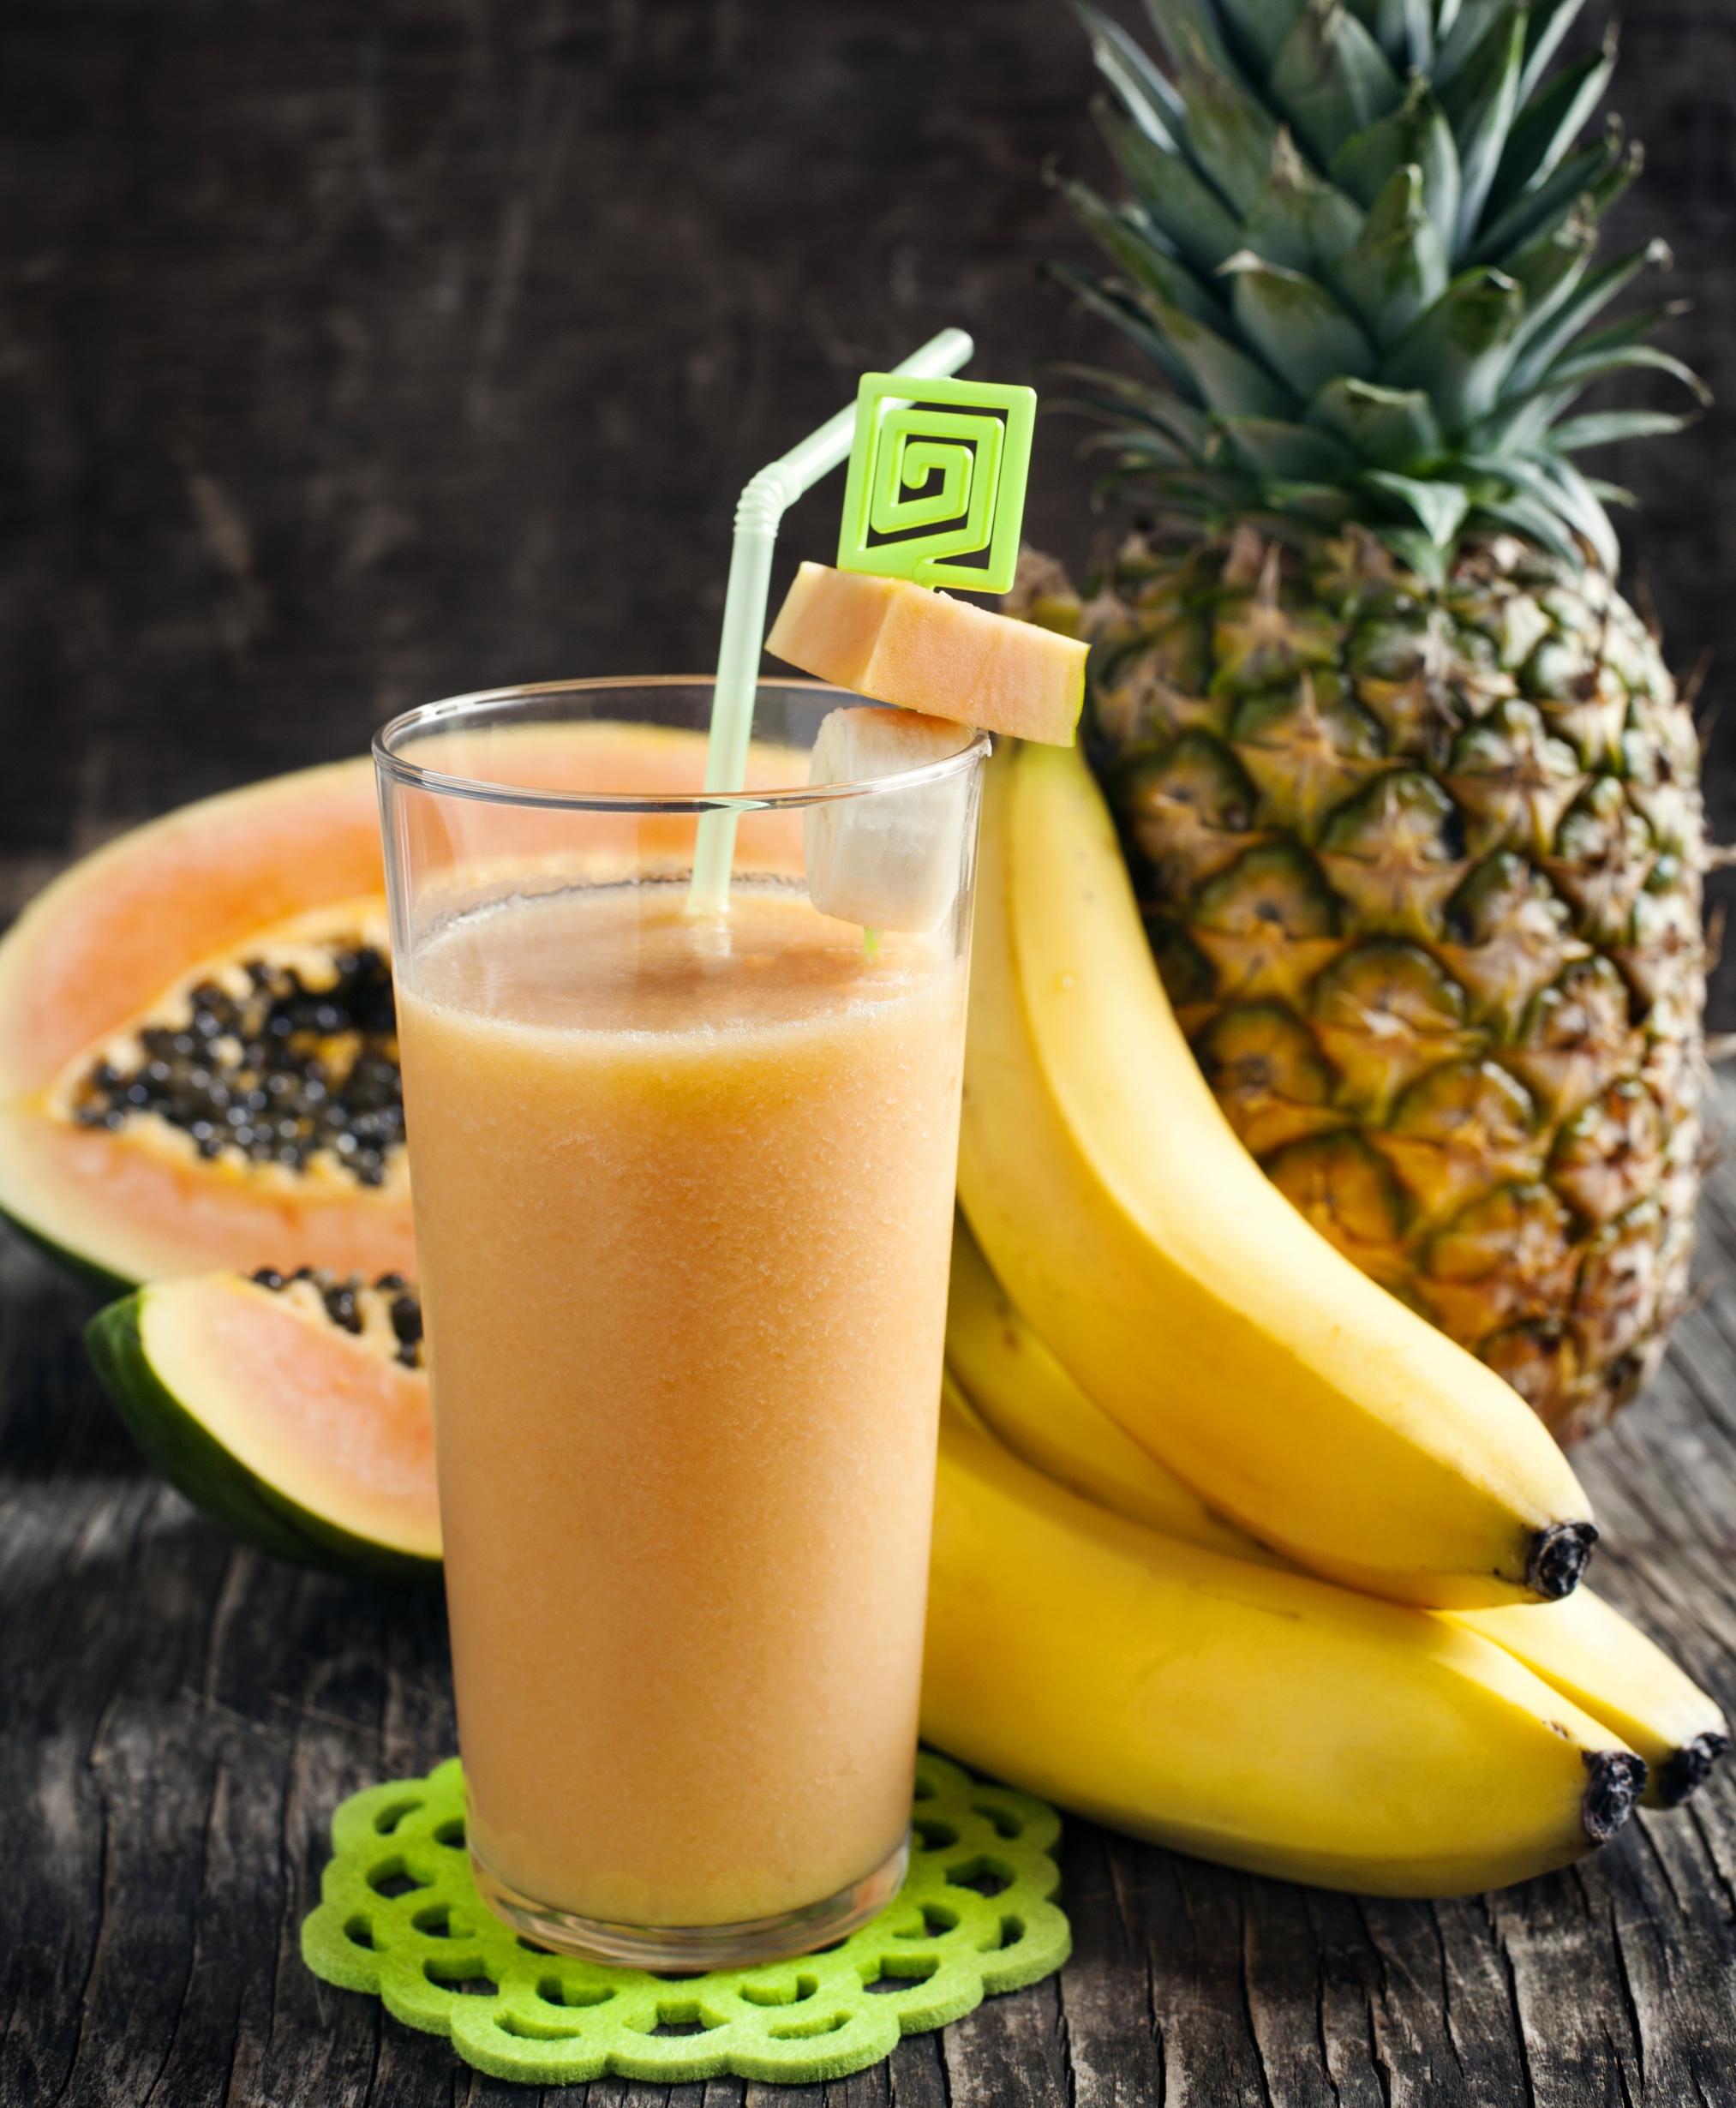 Post-workout banana-pineapple-papaya smoothie